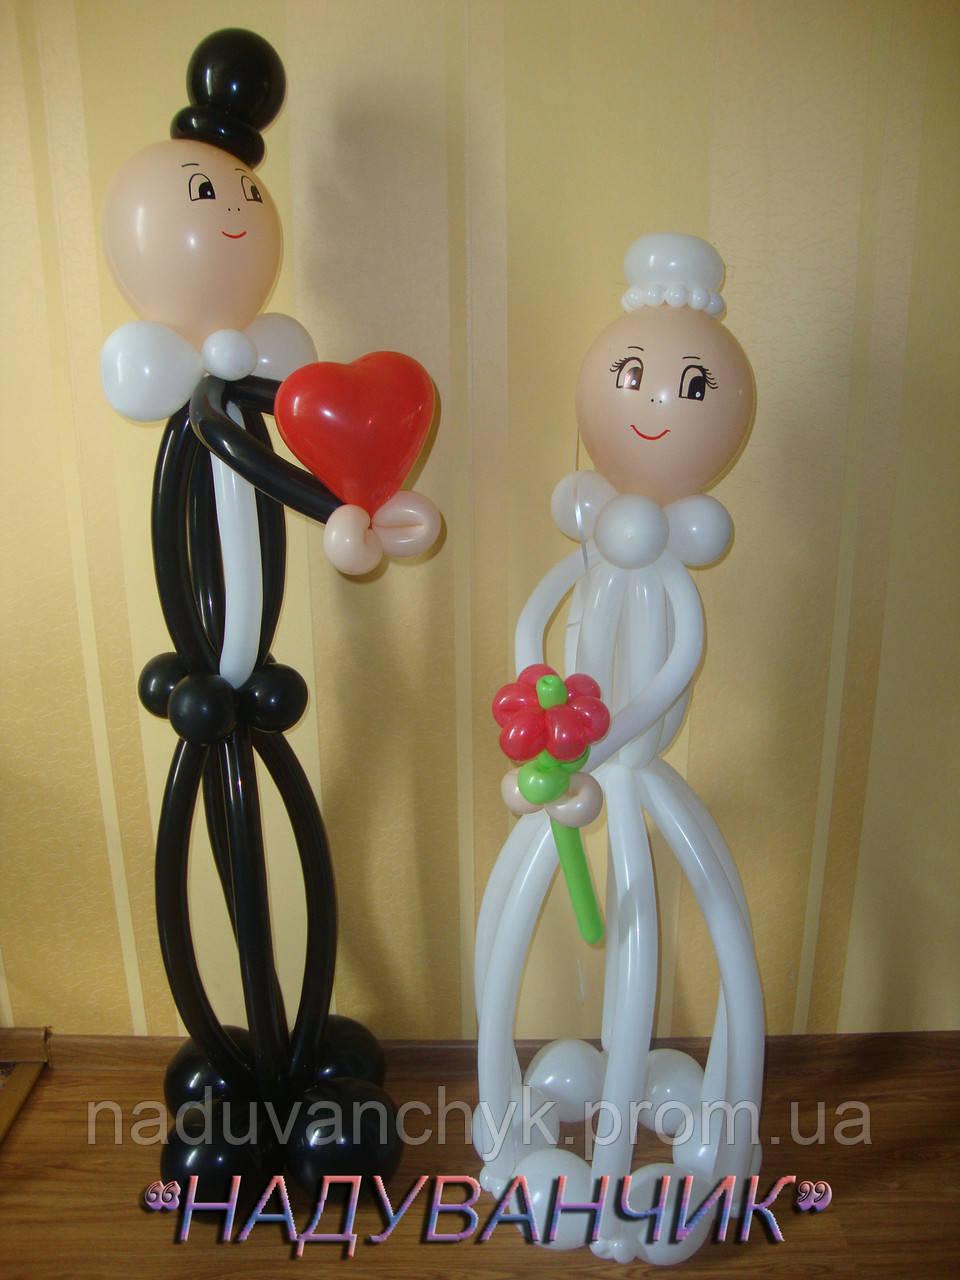 Подарок на свадьбу из воздушных шаров своими руками